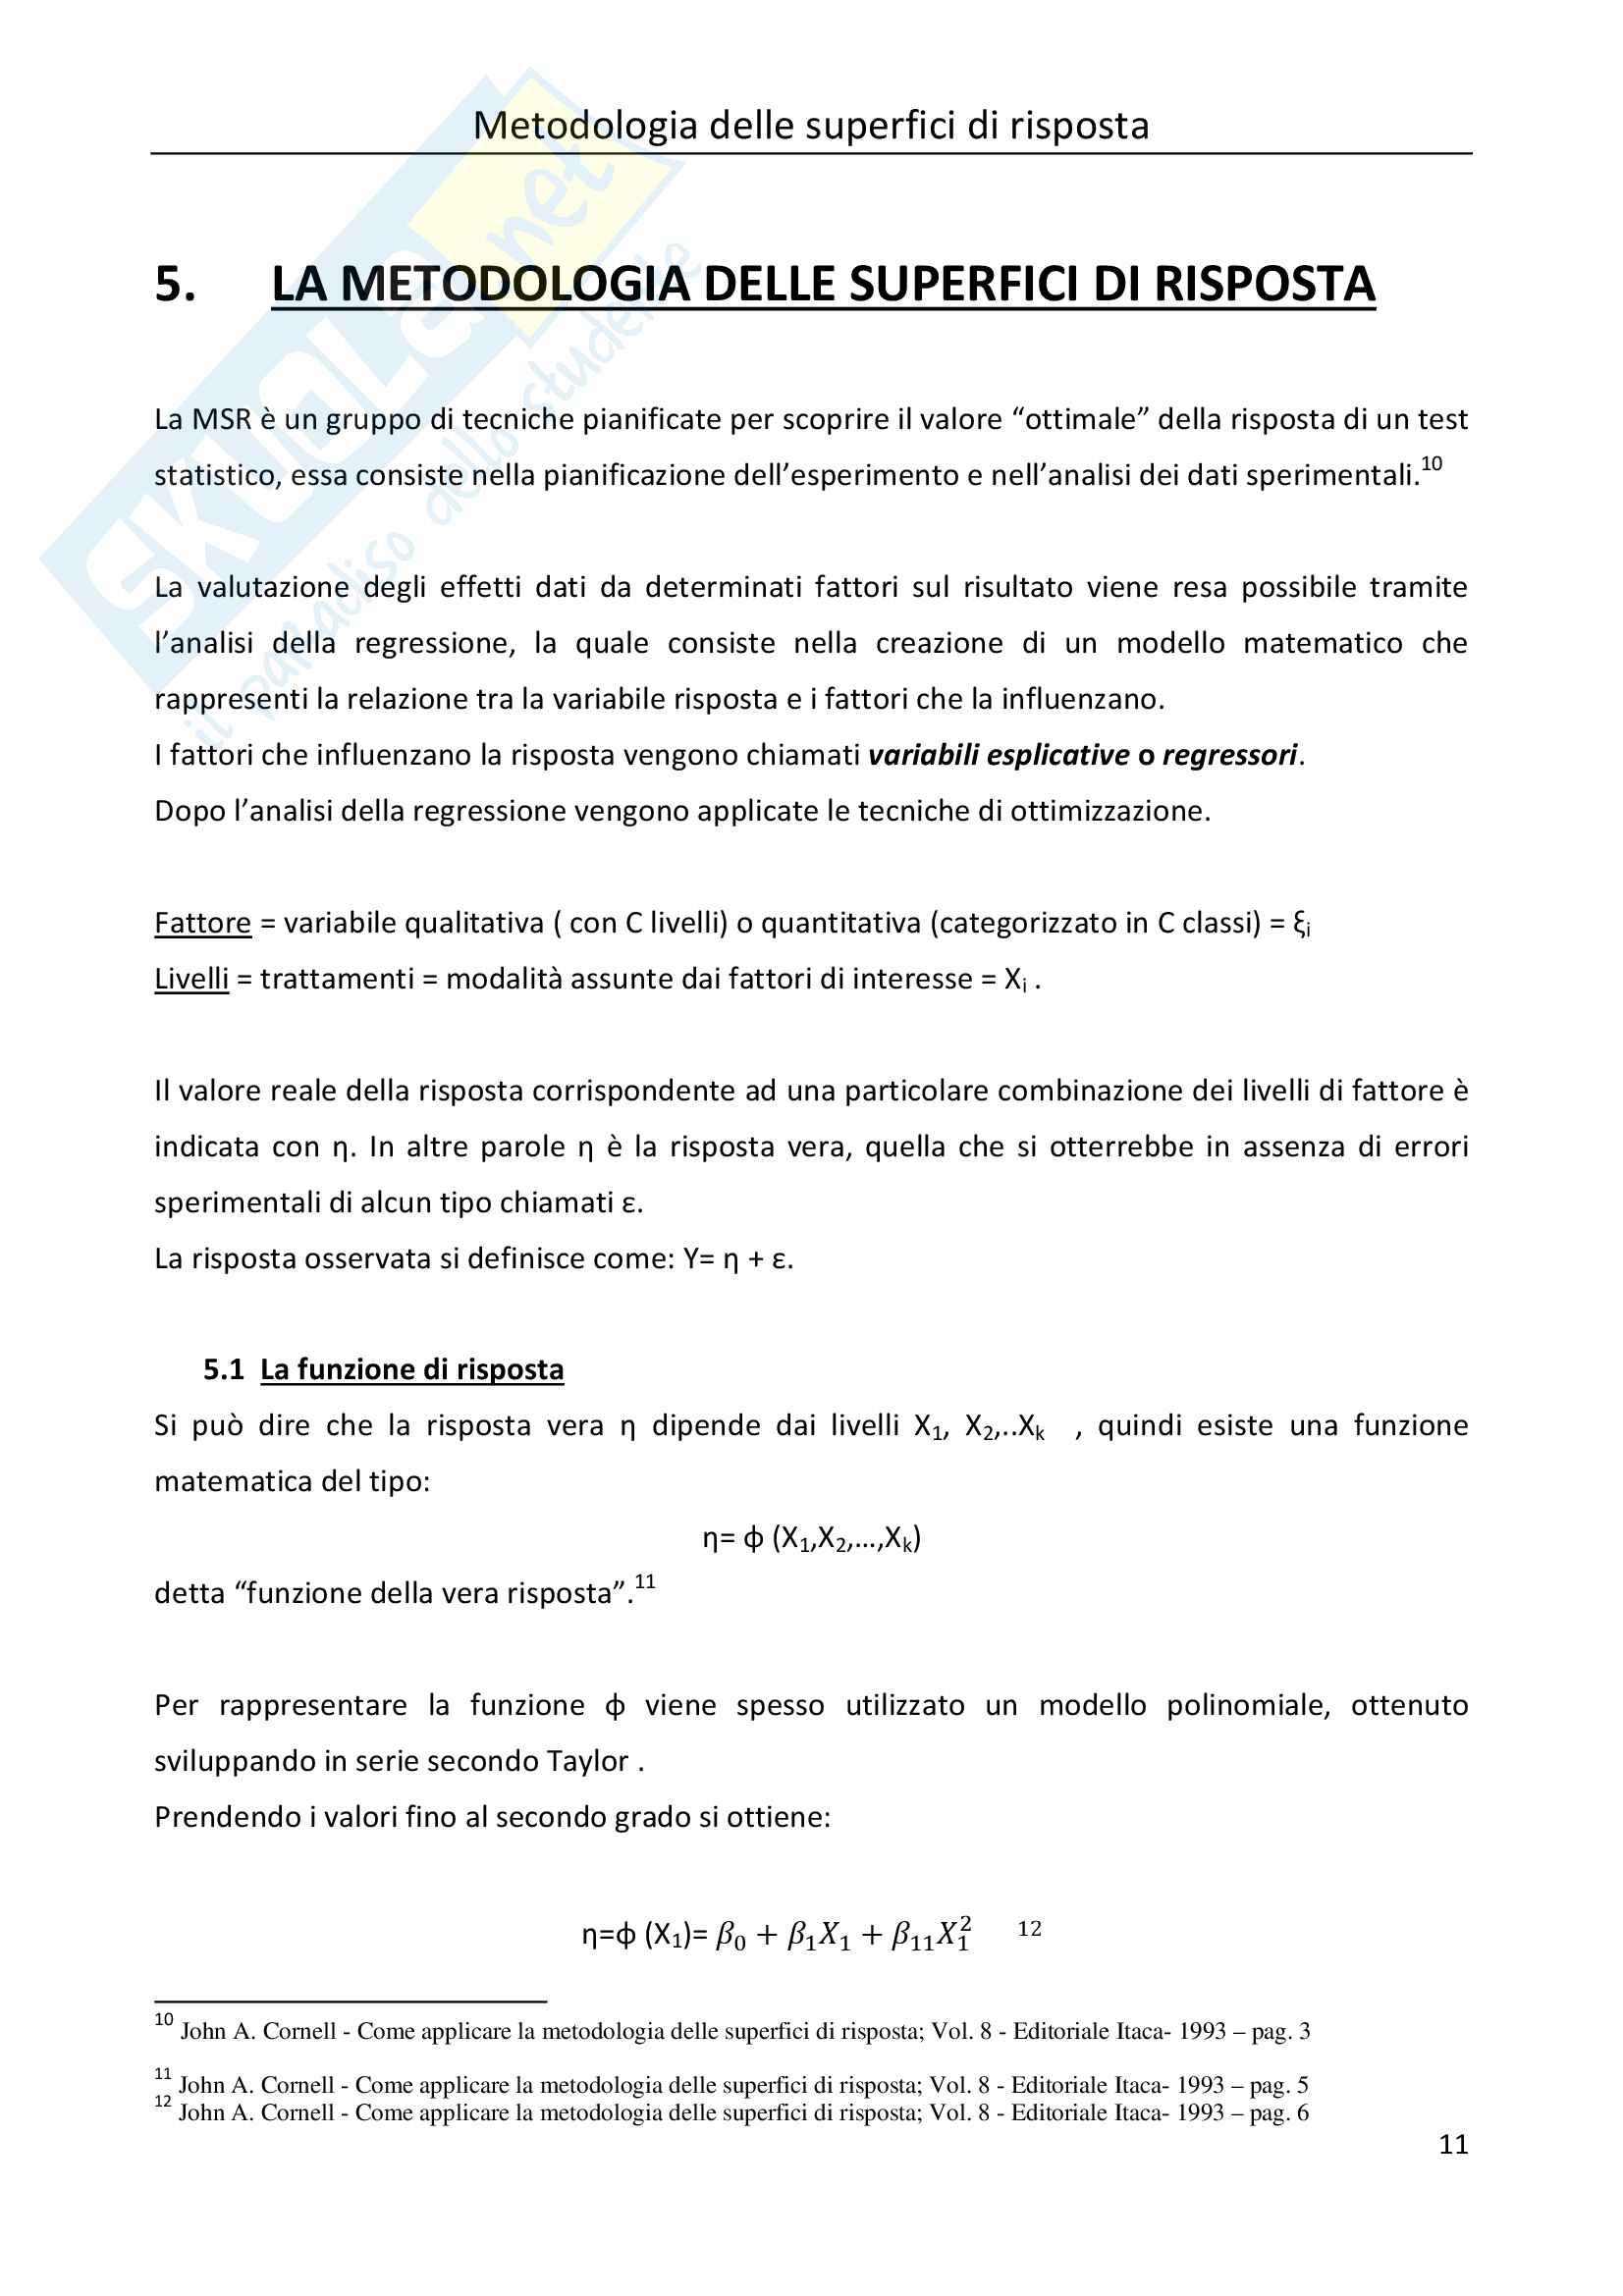 Tesi Statistica: metodologia delle superfici di risposta Pag. 11